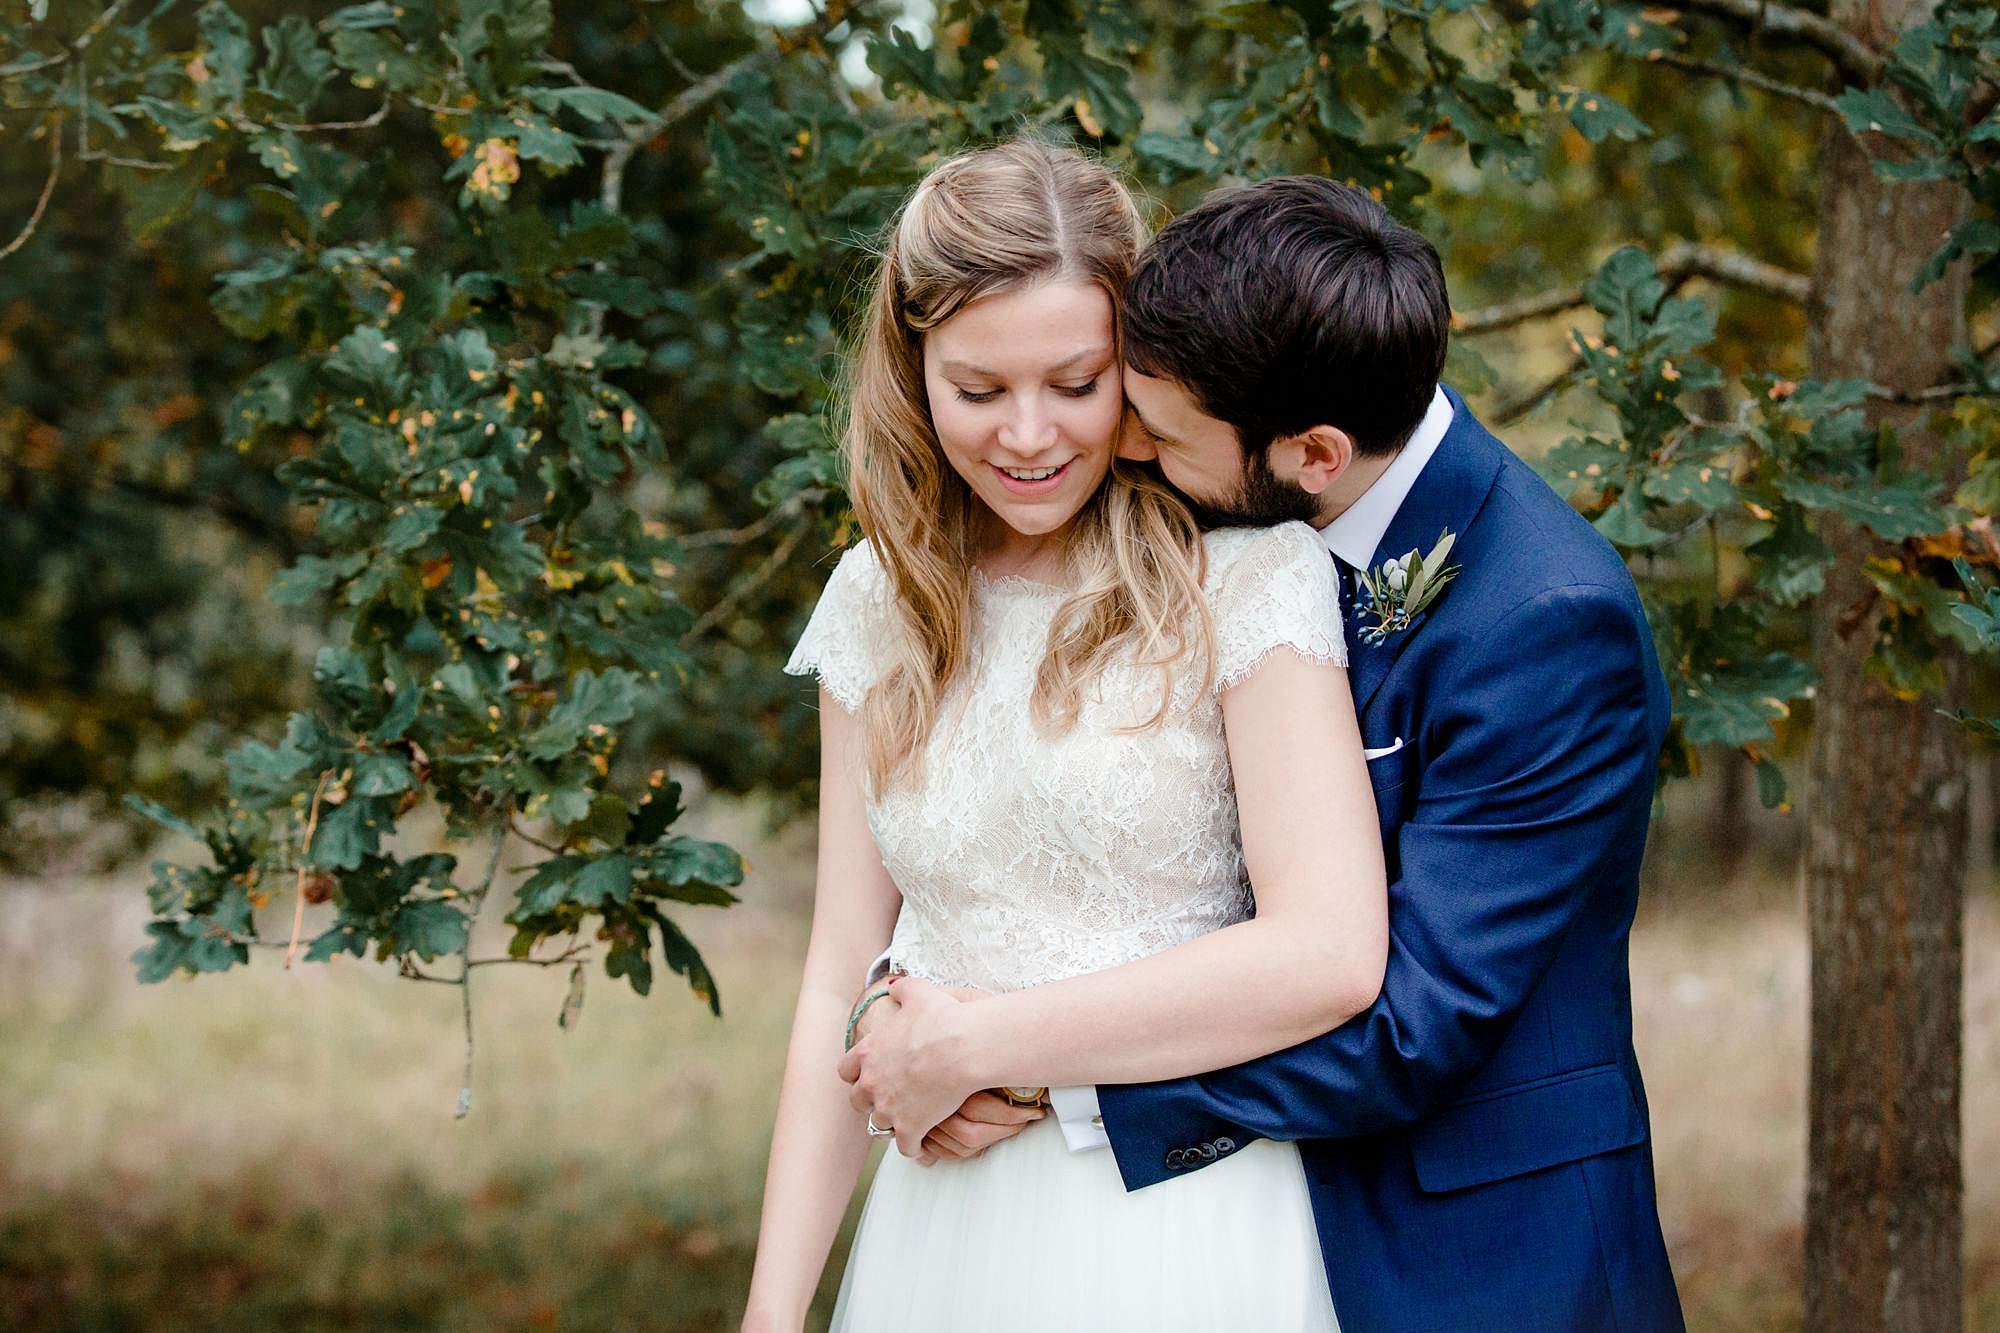 shaw house wedding bride and groom hug together